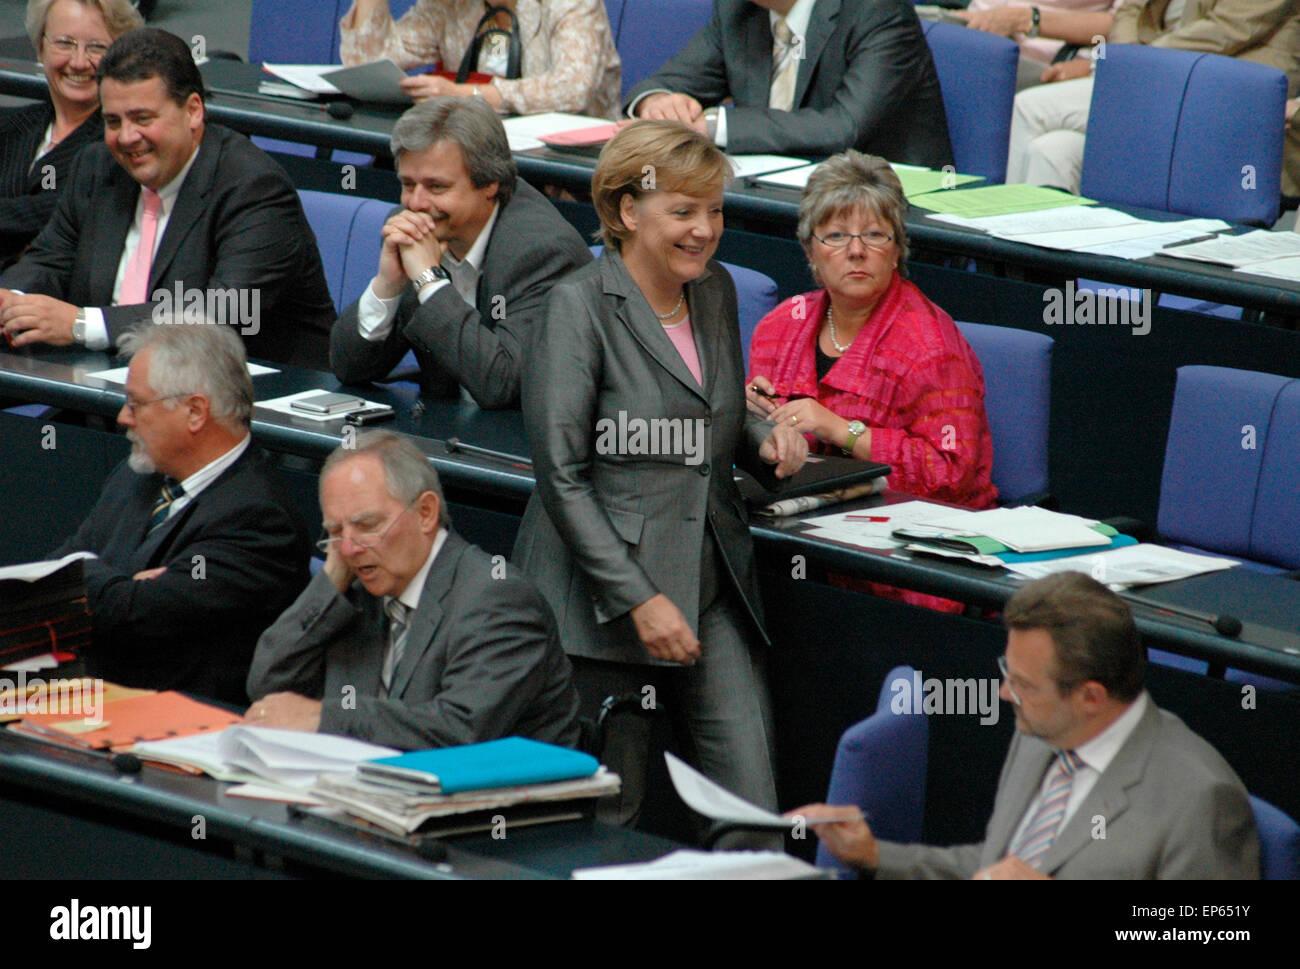 Bundeskanzlerin Angela Merkel Auf Dem Weg Durch Die Regierungsbank u.a.  Mit Sigmar Gabriel Und Wolfgang Schaeuble - Sitzung Im Bundestag bin 29. Juni 2006, Reichstagsgebaeude, Berlin-Tiergarten. Stockfoto